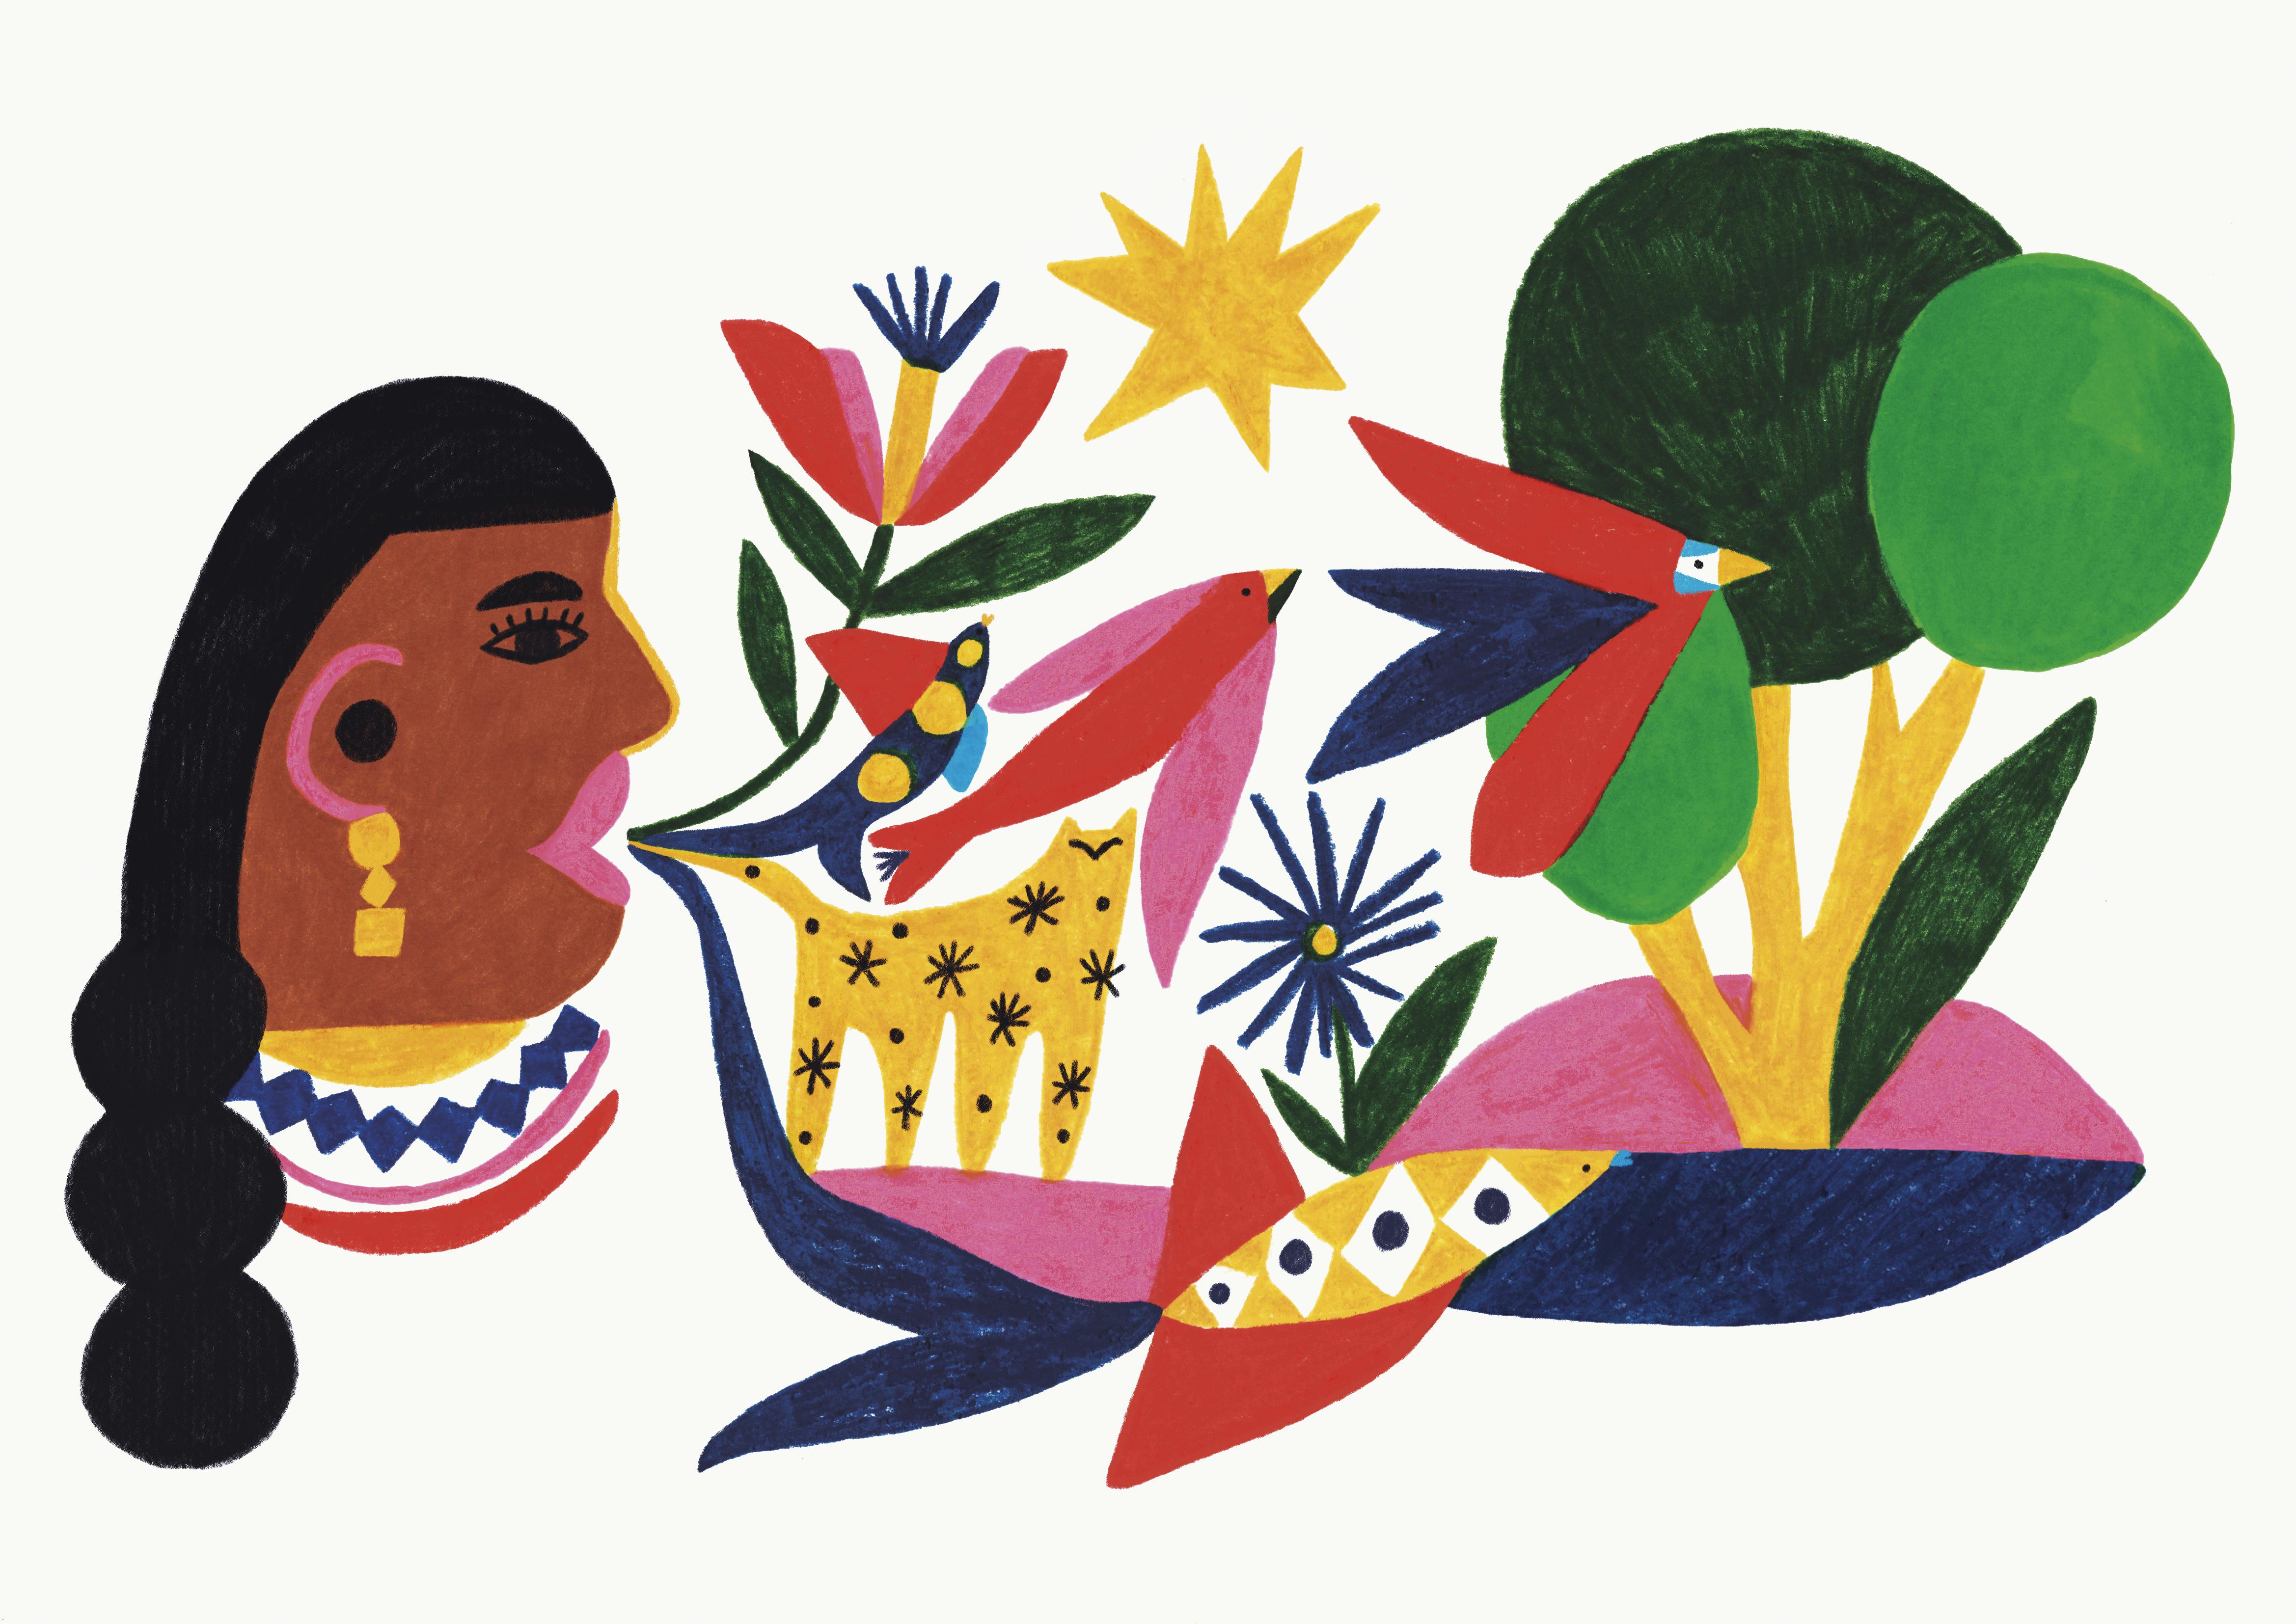 Ilustración por Caro Monterrubio.